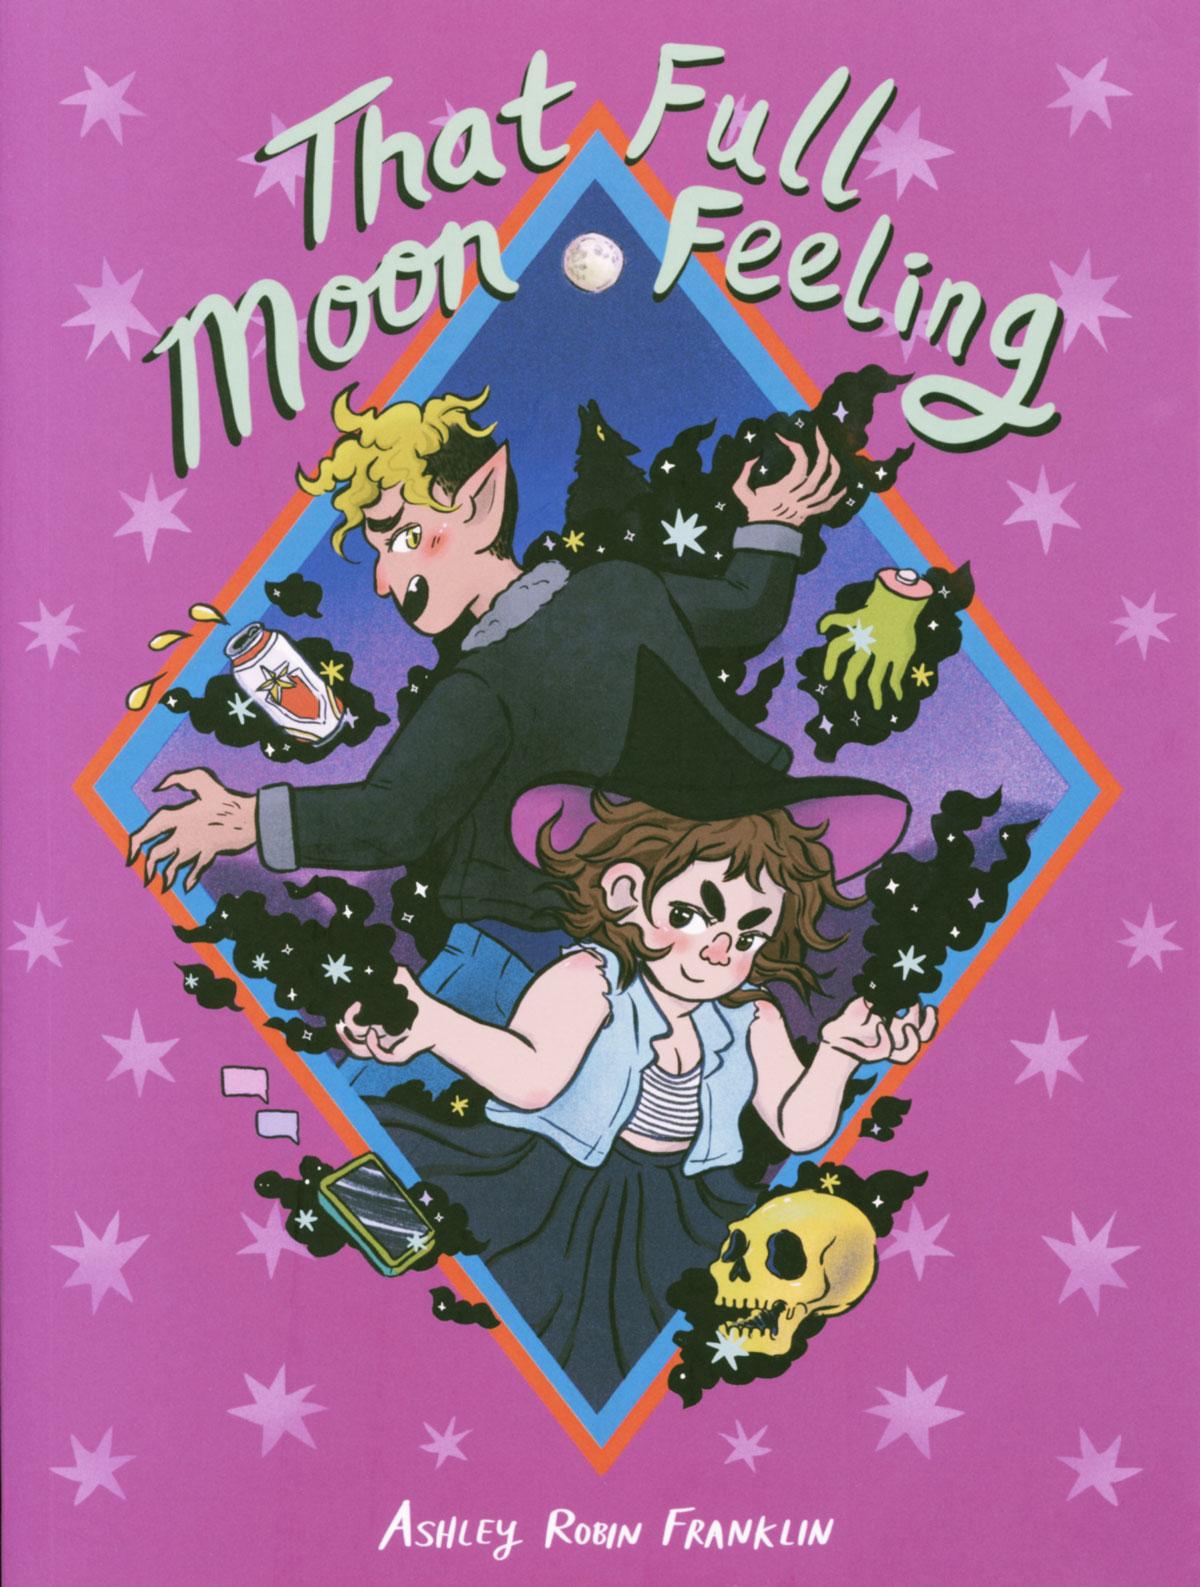 That Full Moon Feeling by Ashley Robin Franklin